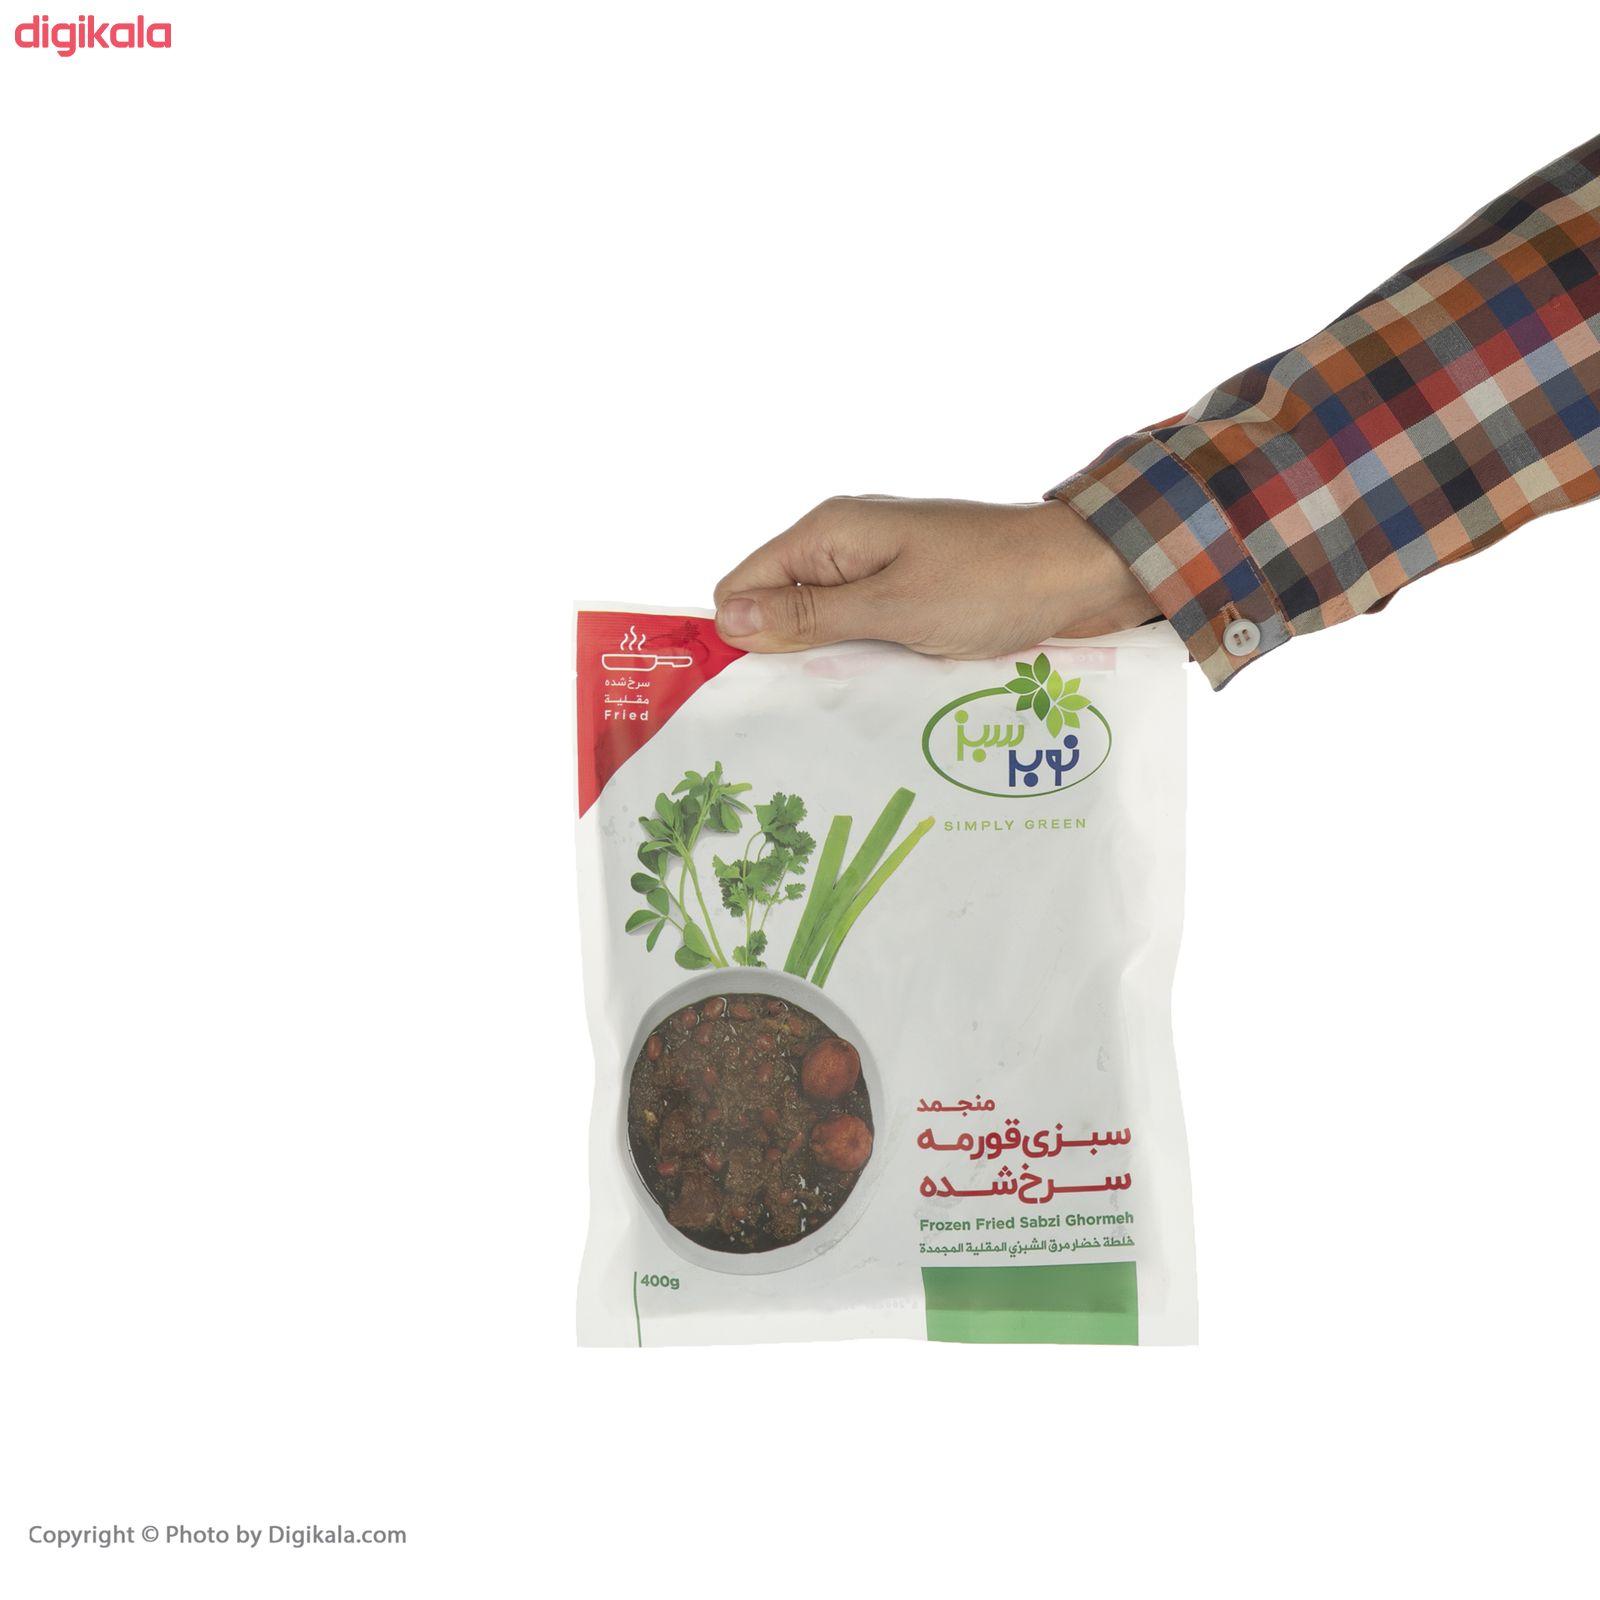 سبزی قورمه سرخ شده منجمد نوبر سبز مقدار 400 گرم main 1 3